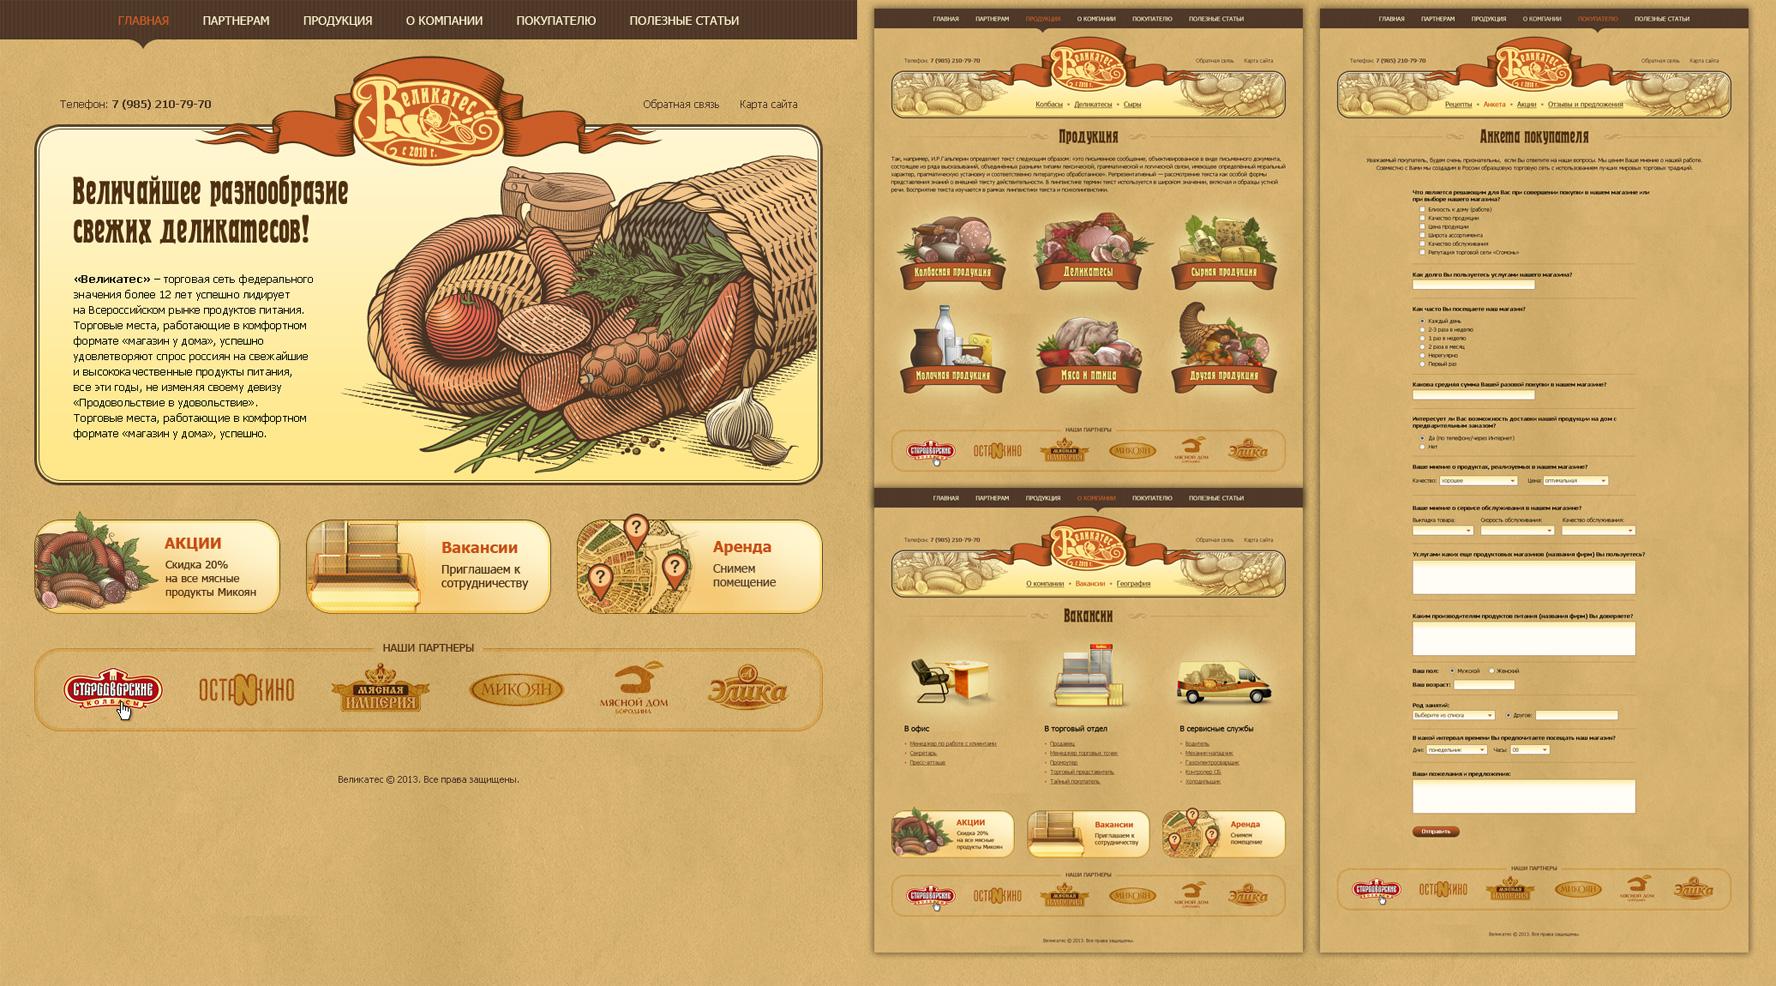 Сеть мясных магазинов Великатес